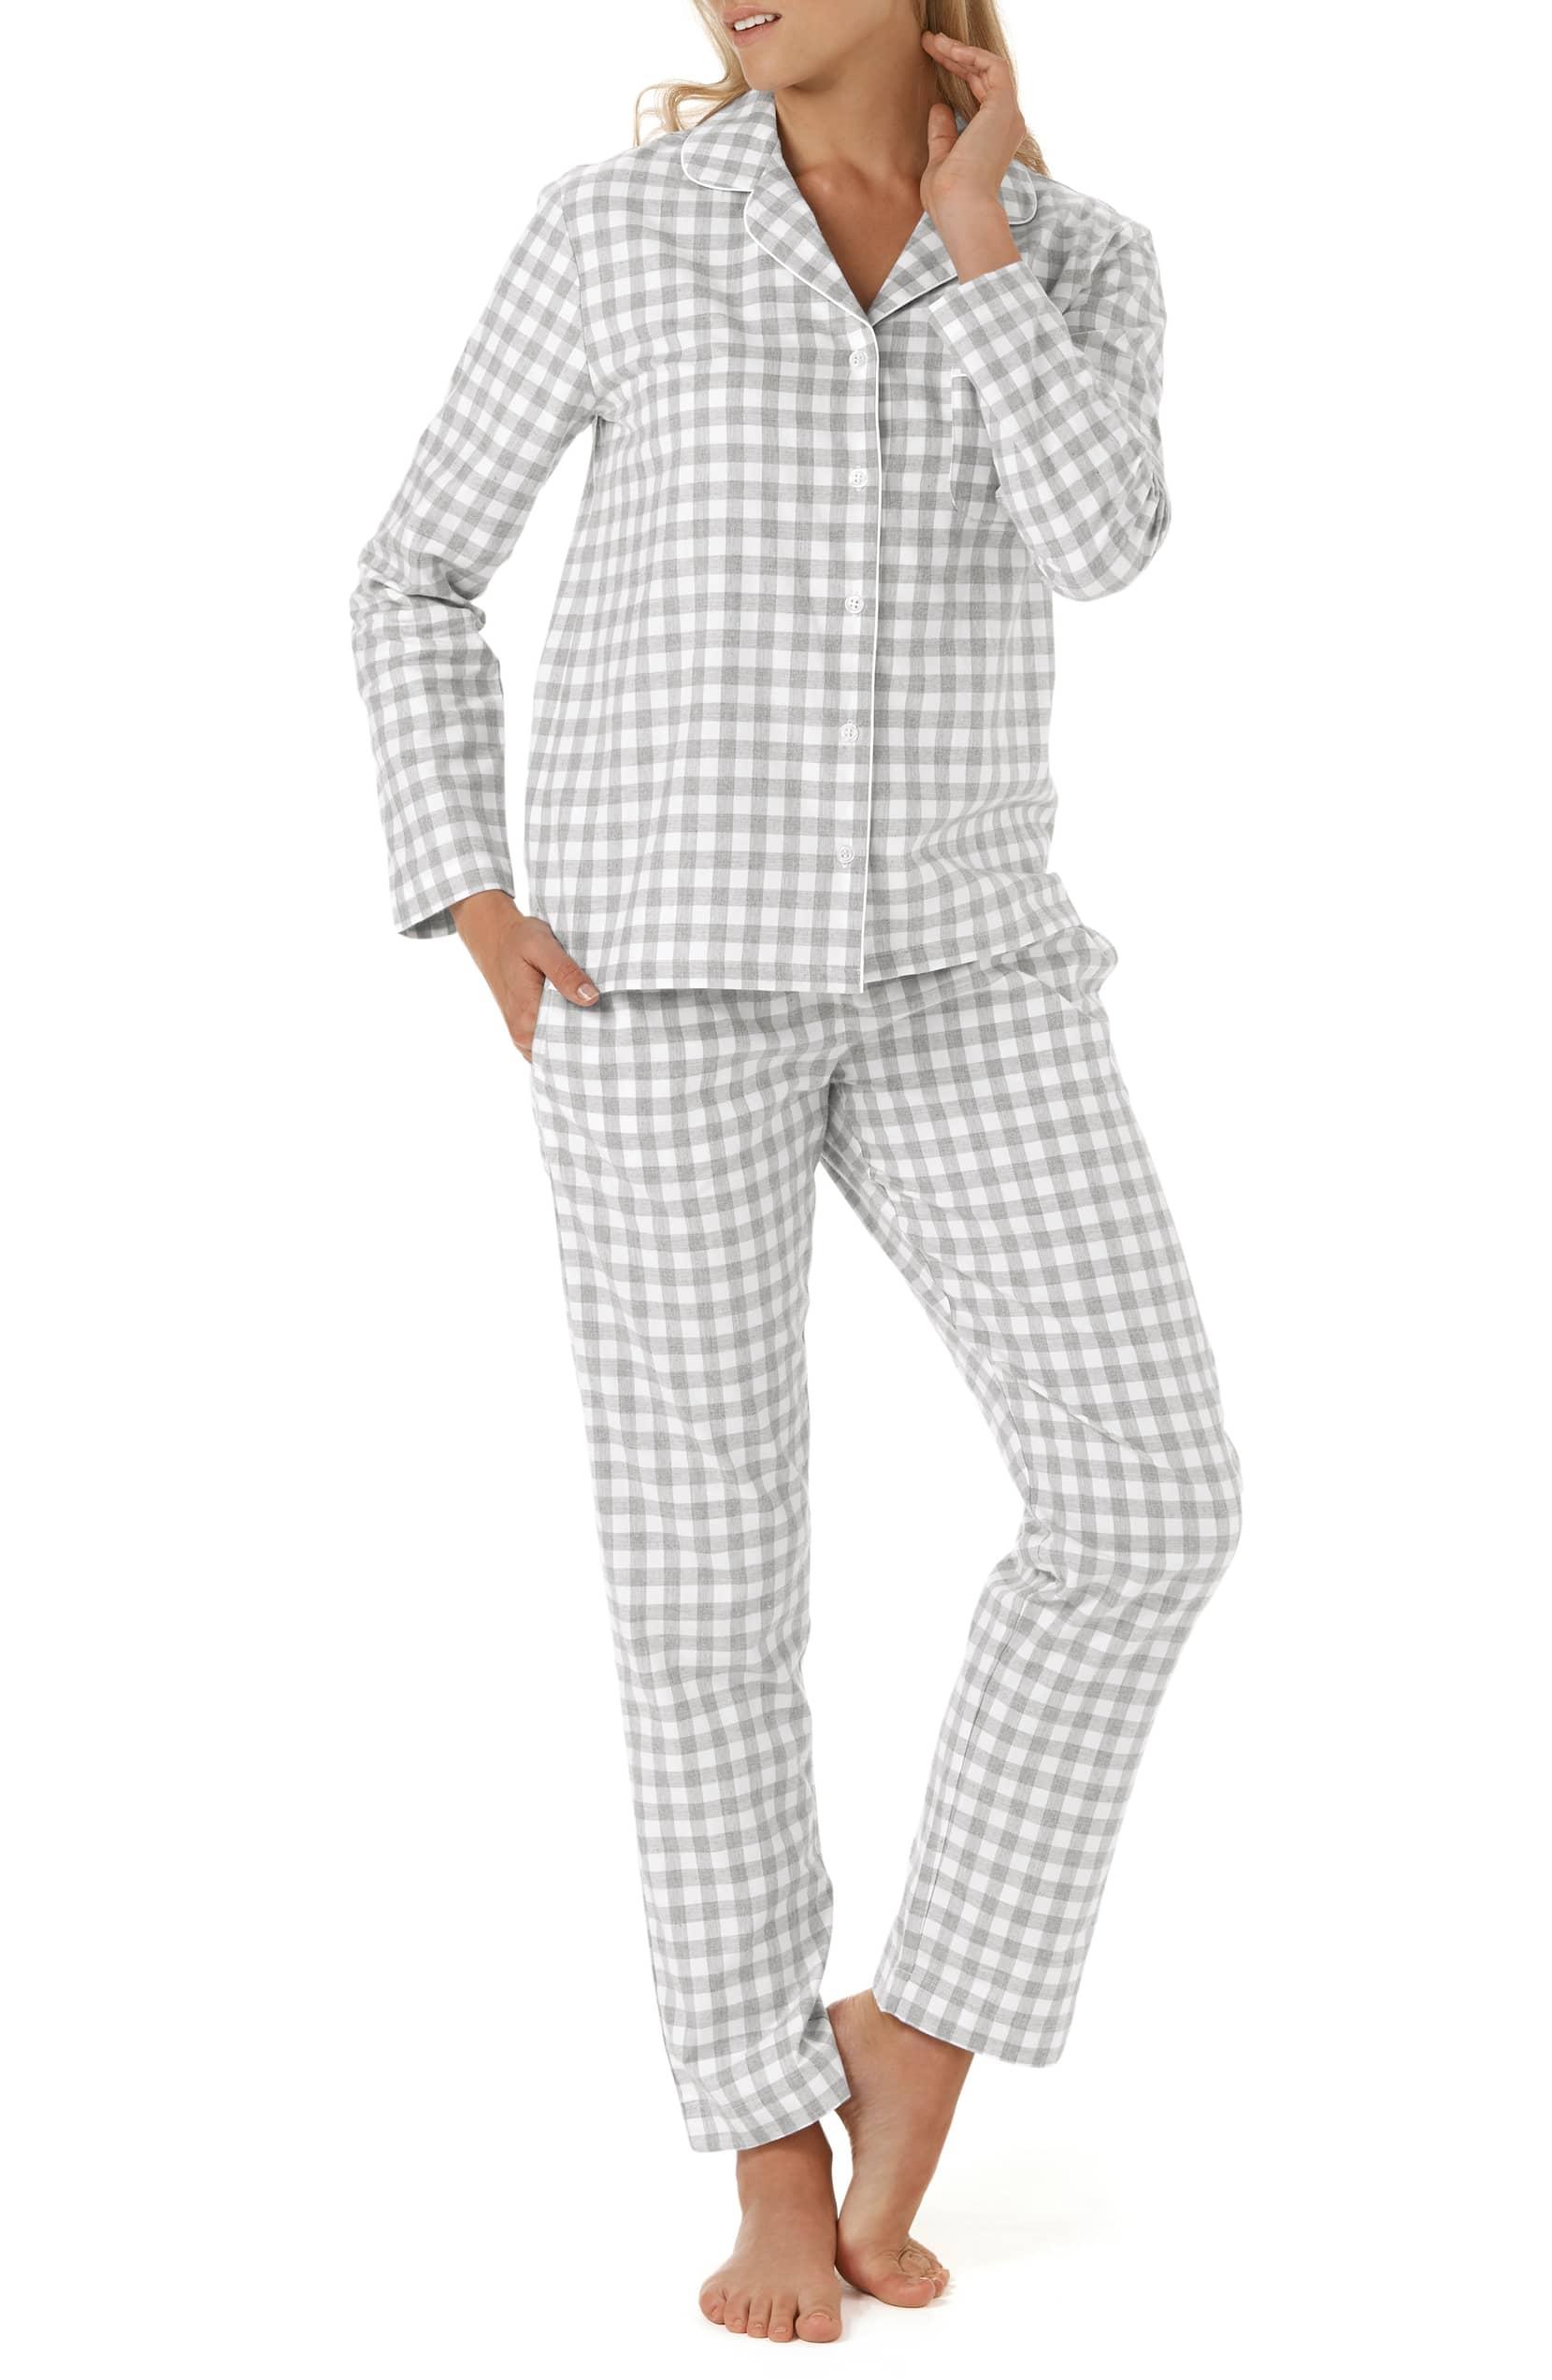 gingham check pajamas